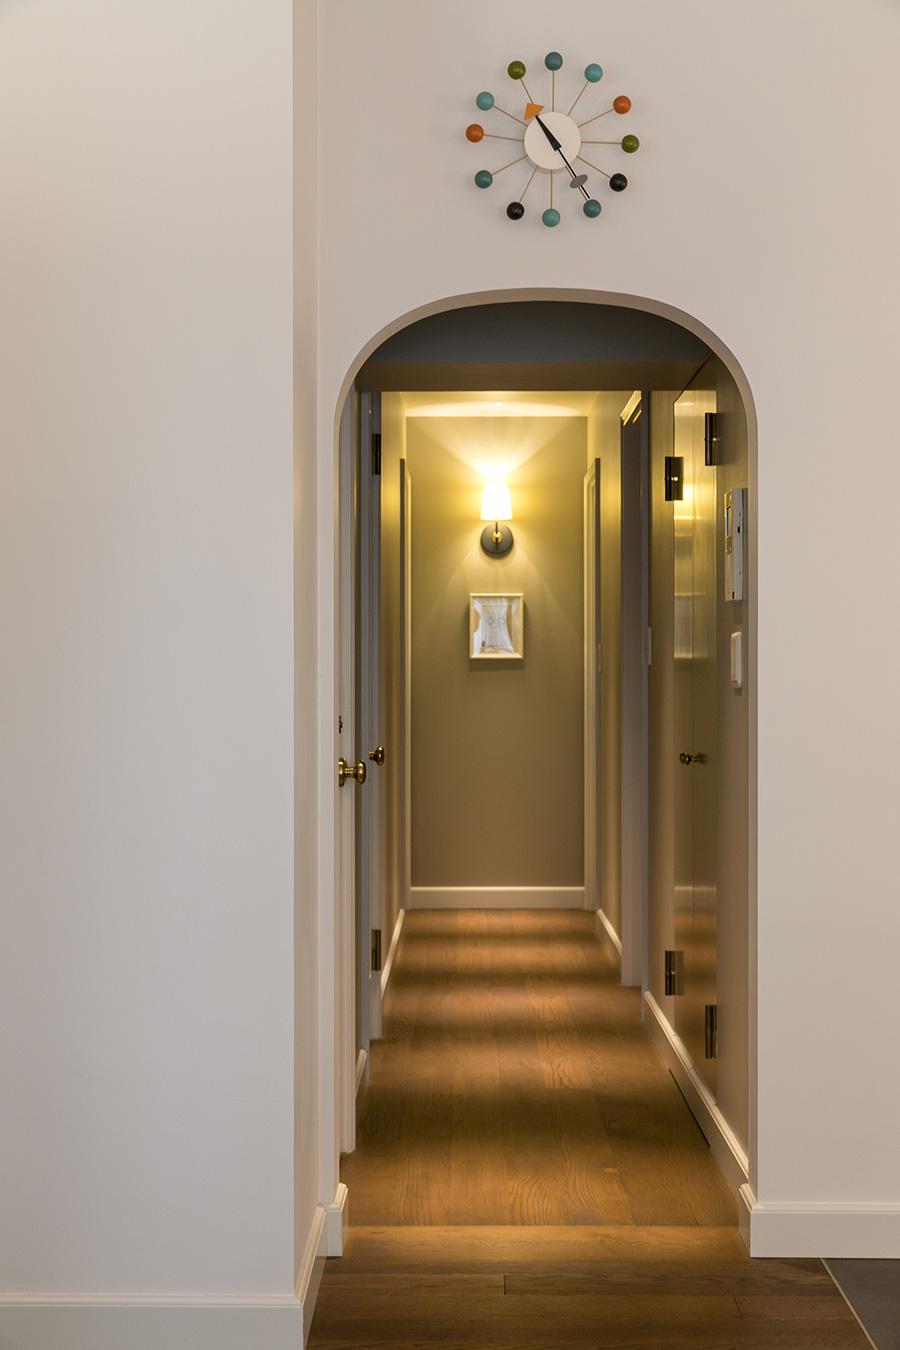 ホテルライクなアーチ型の廊下。「このアーチも映画の中のモチーフのひとつです」。ダウンライトの光が物語を感じさせる。